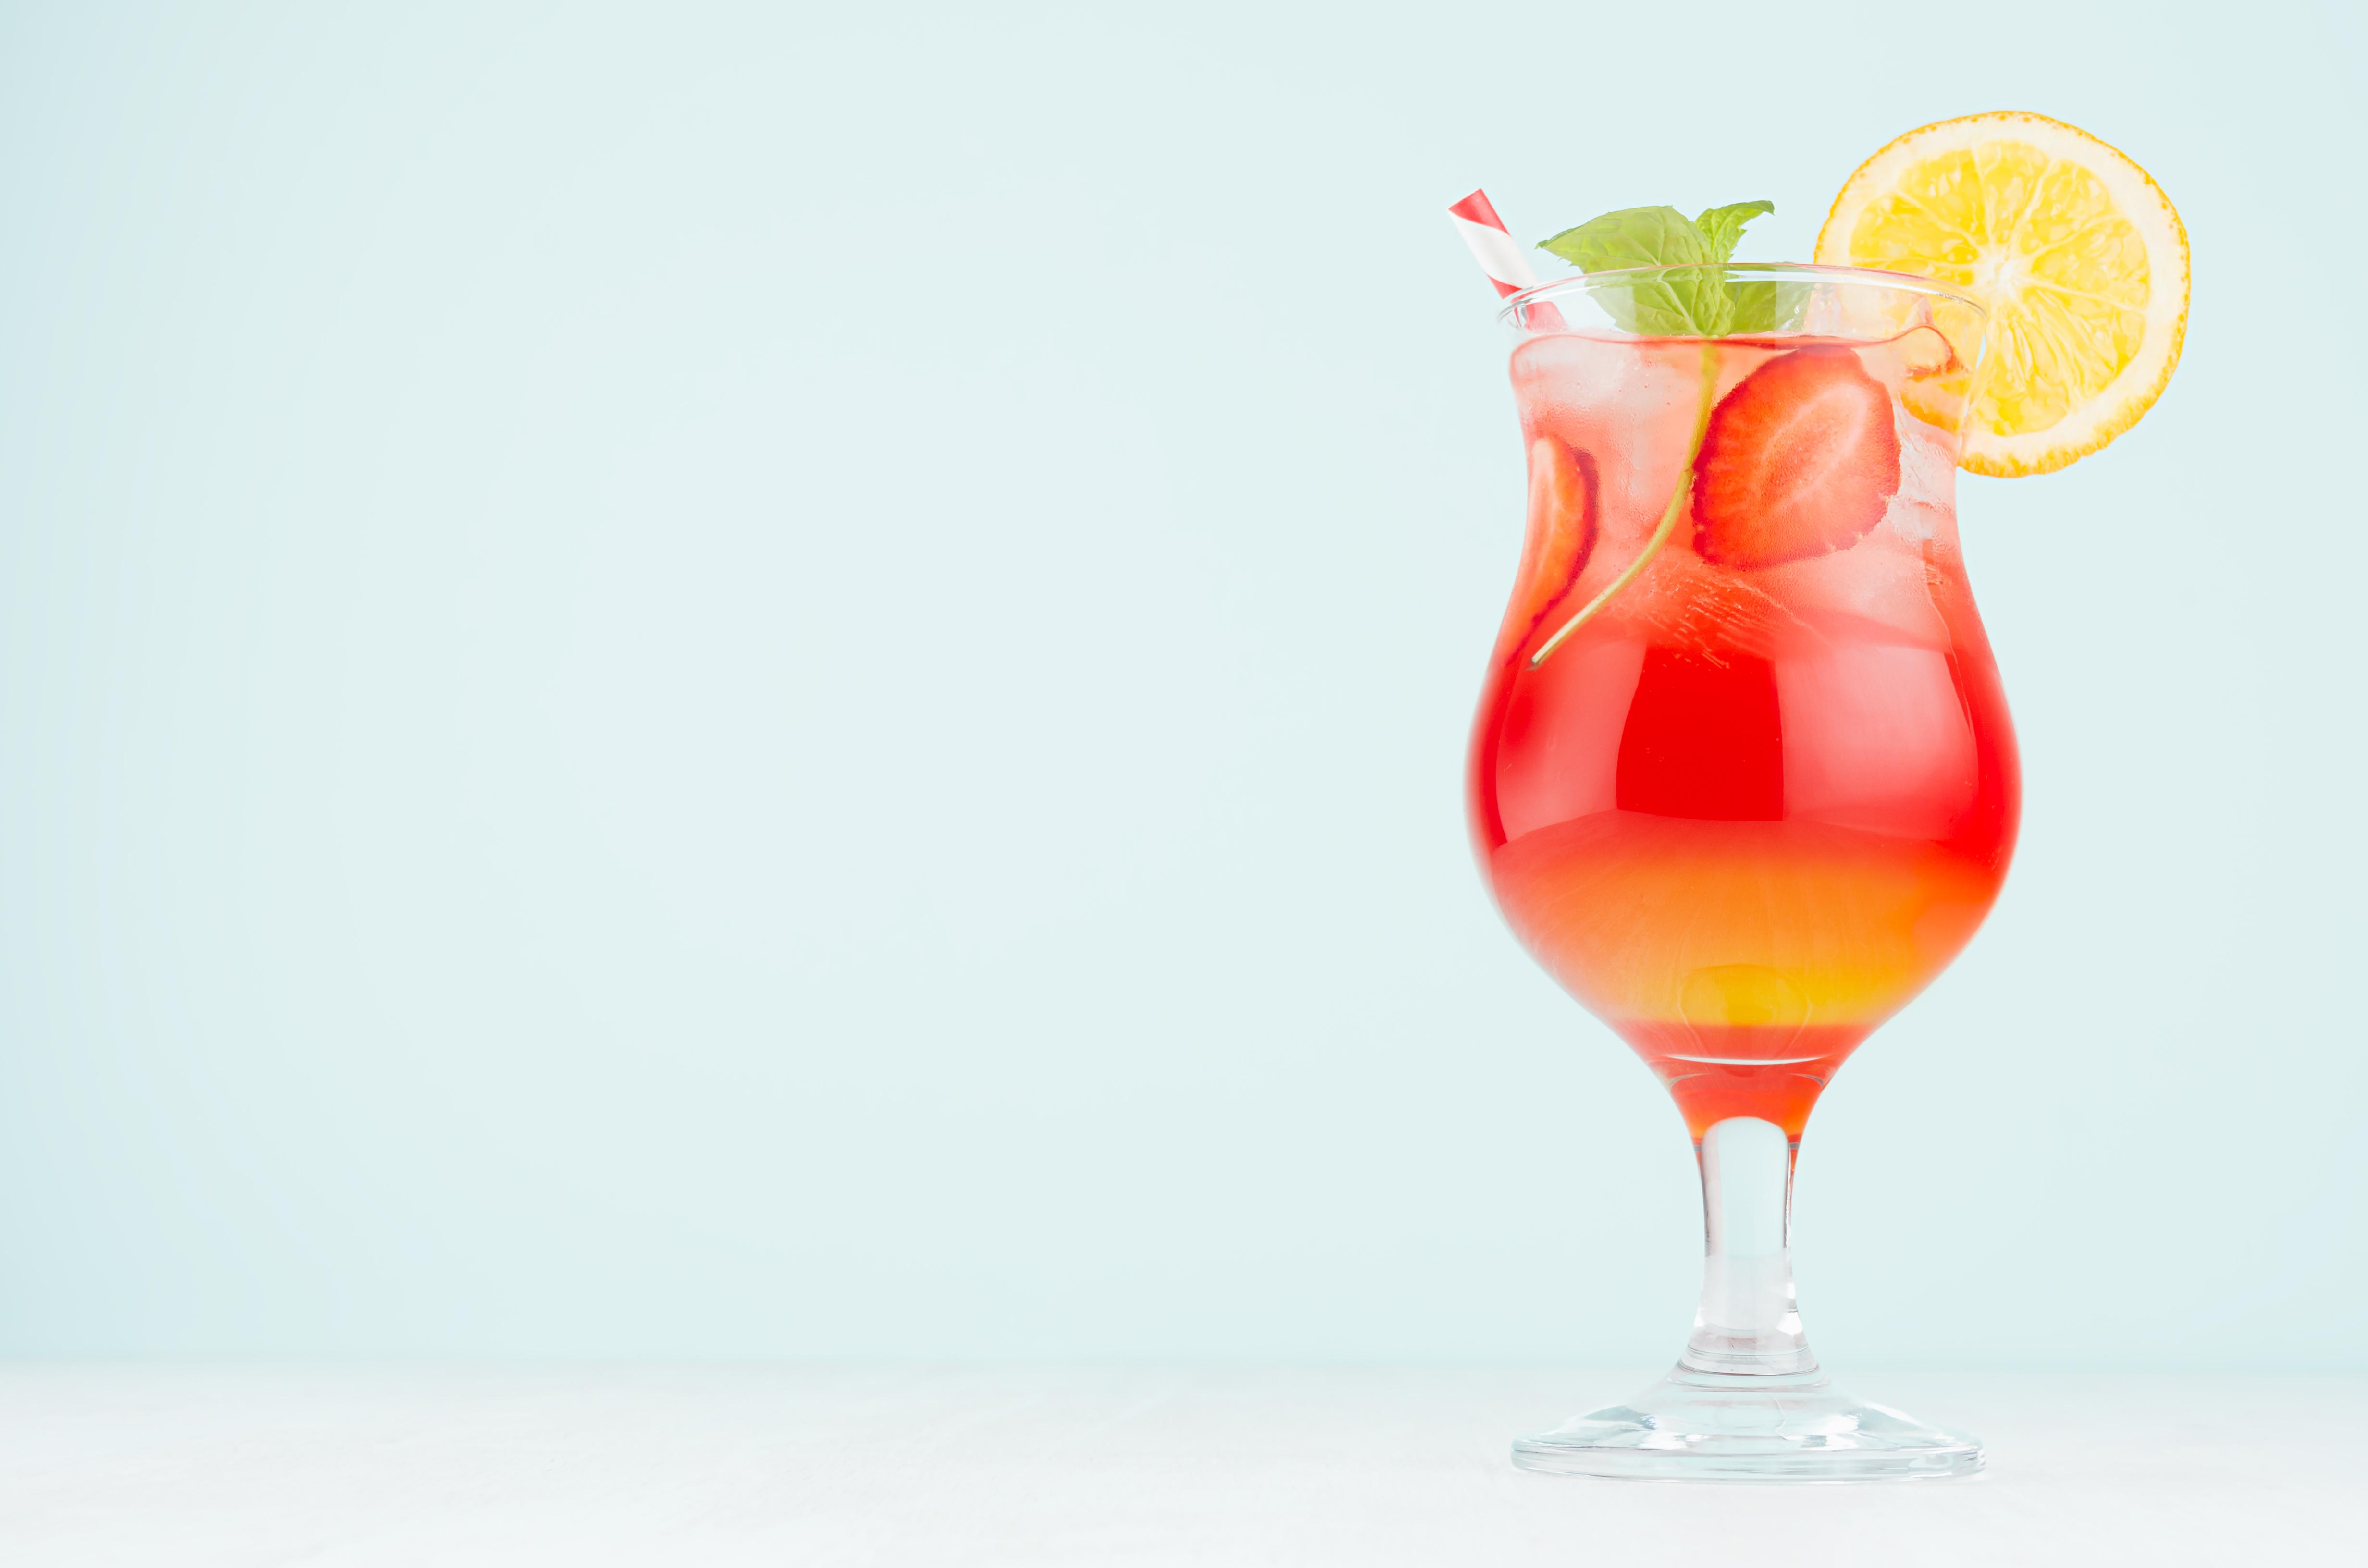 Les personnes présentant le risque de récidive de MCV le plus faible consomment entre 6 et 8 grammes d'alcool par jour (Visuel Adobe Stock 266153010)